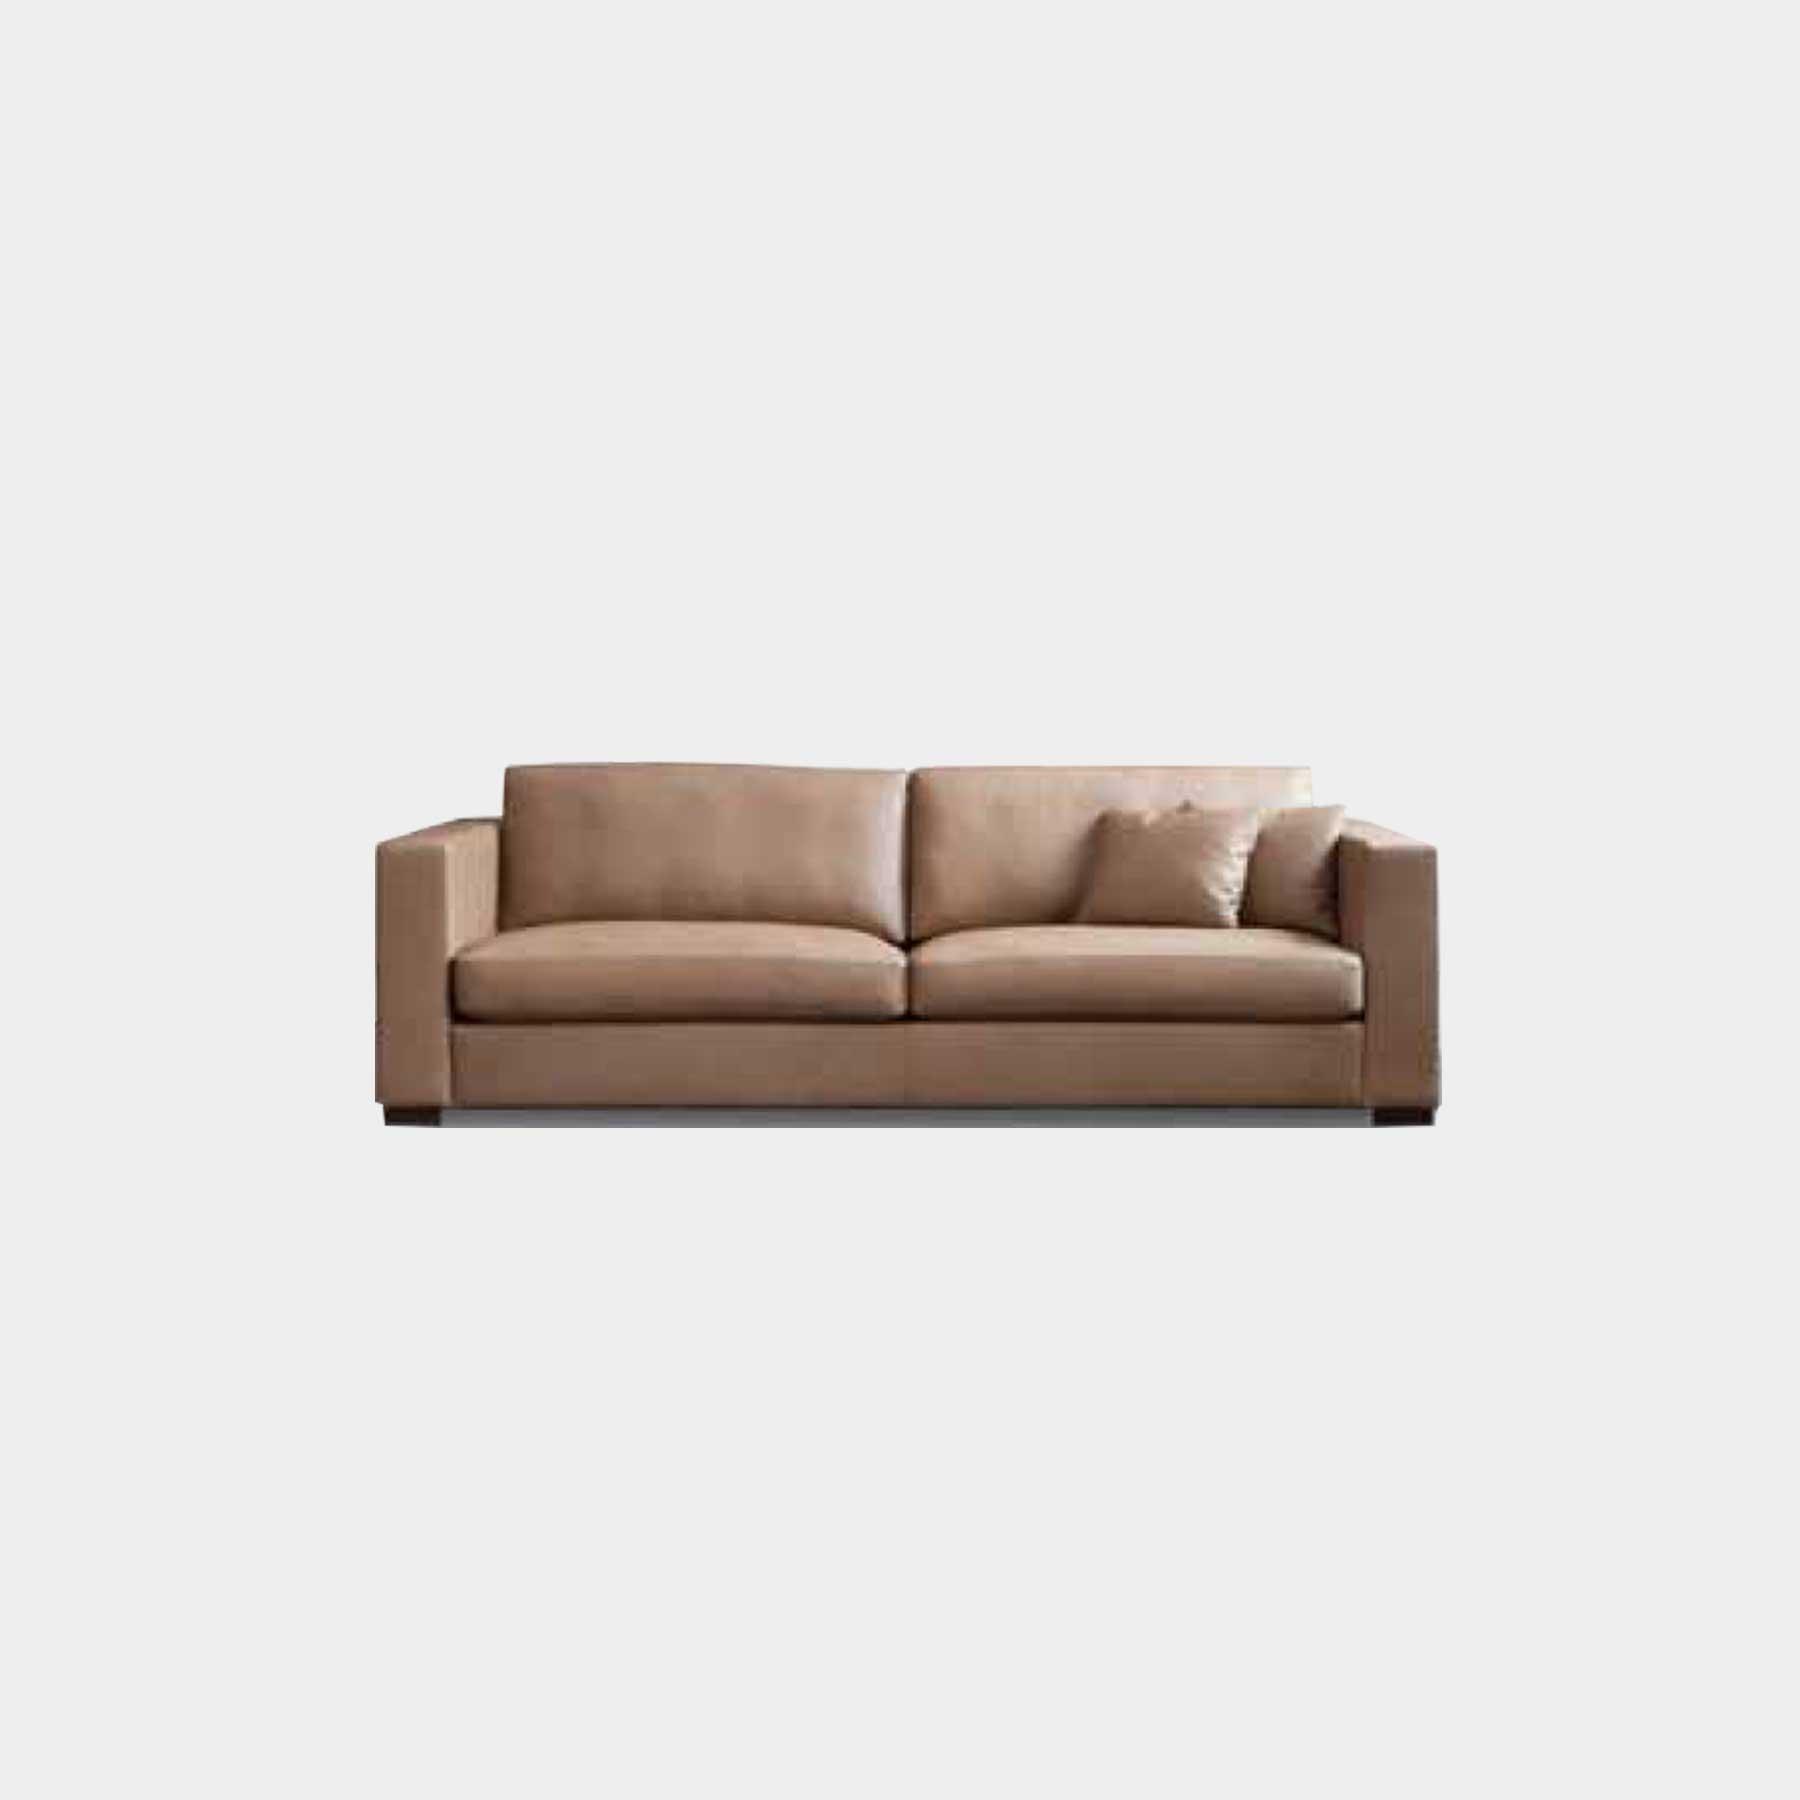 bielefelder werkstätten sofa inspiration typ 4 online kaufen | zawoh, Hause deko